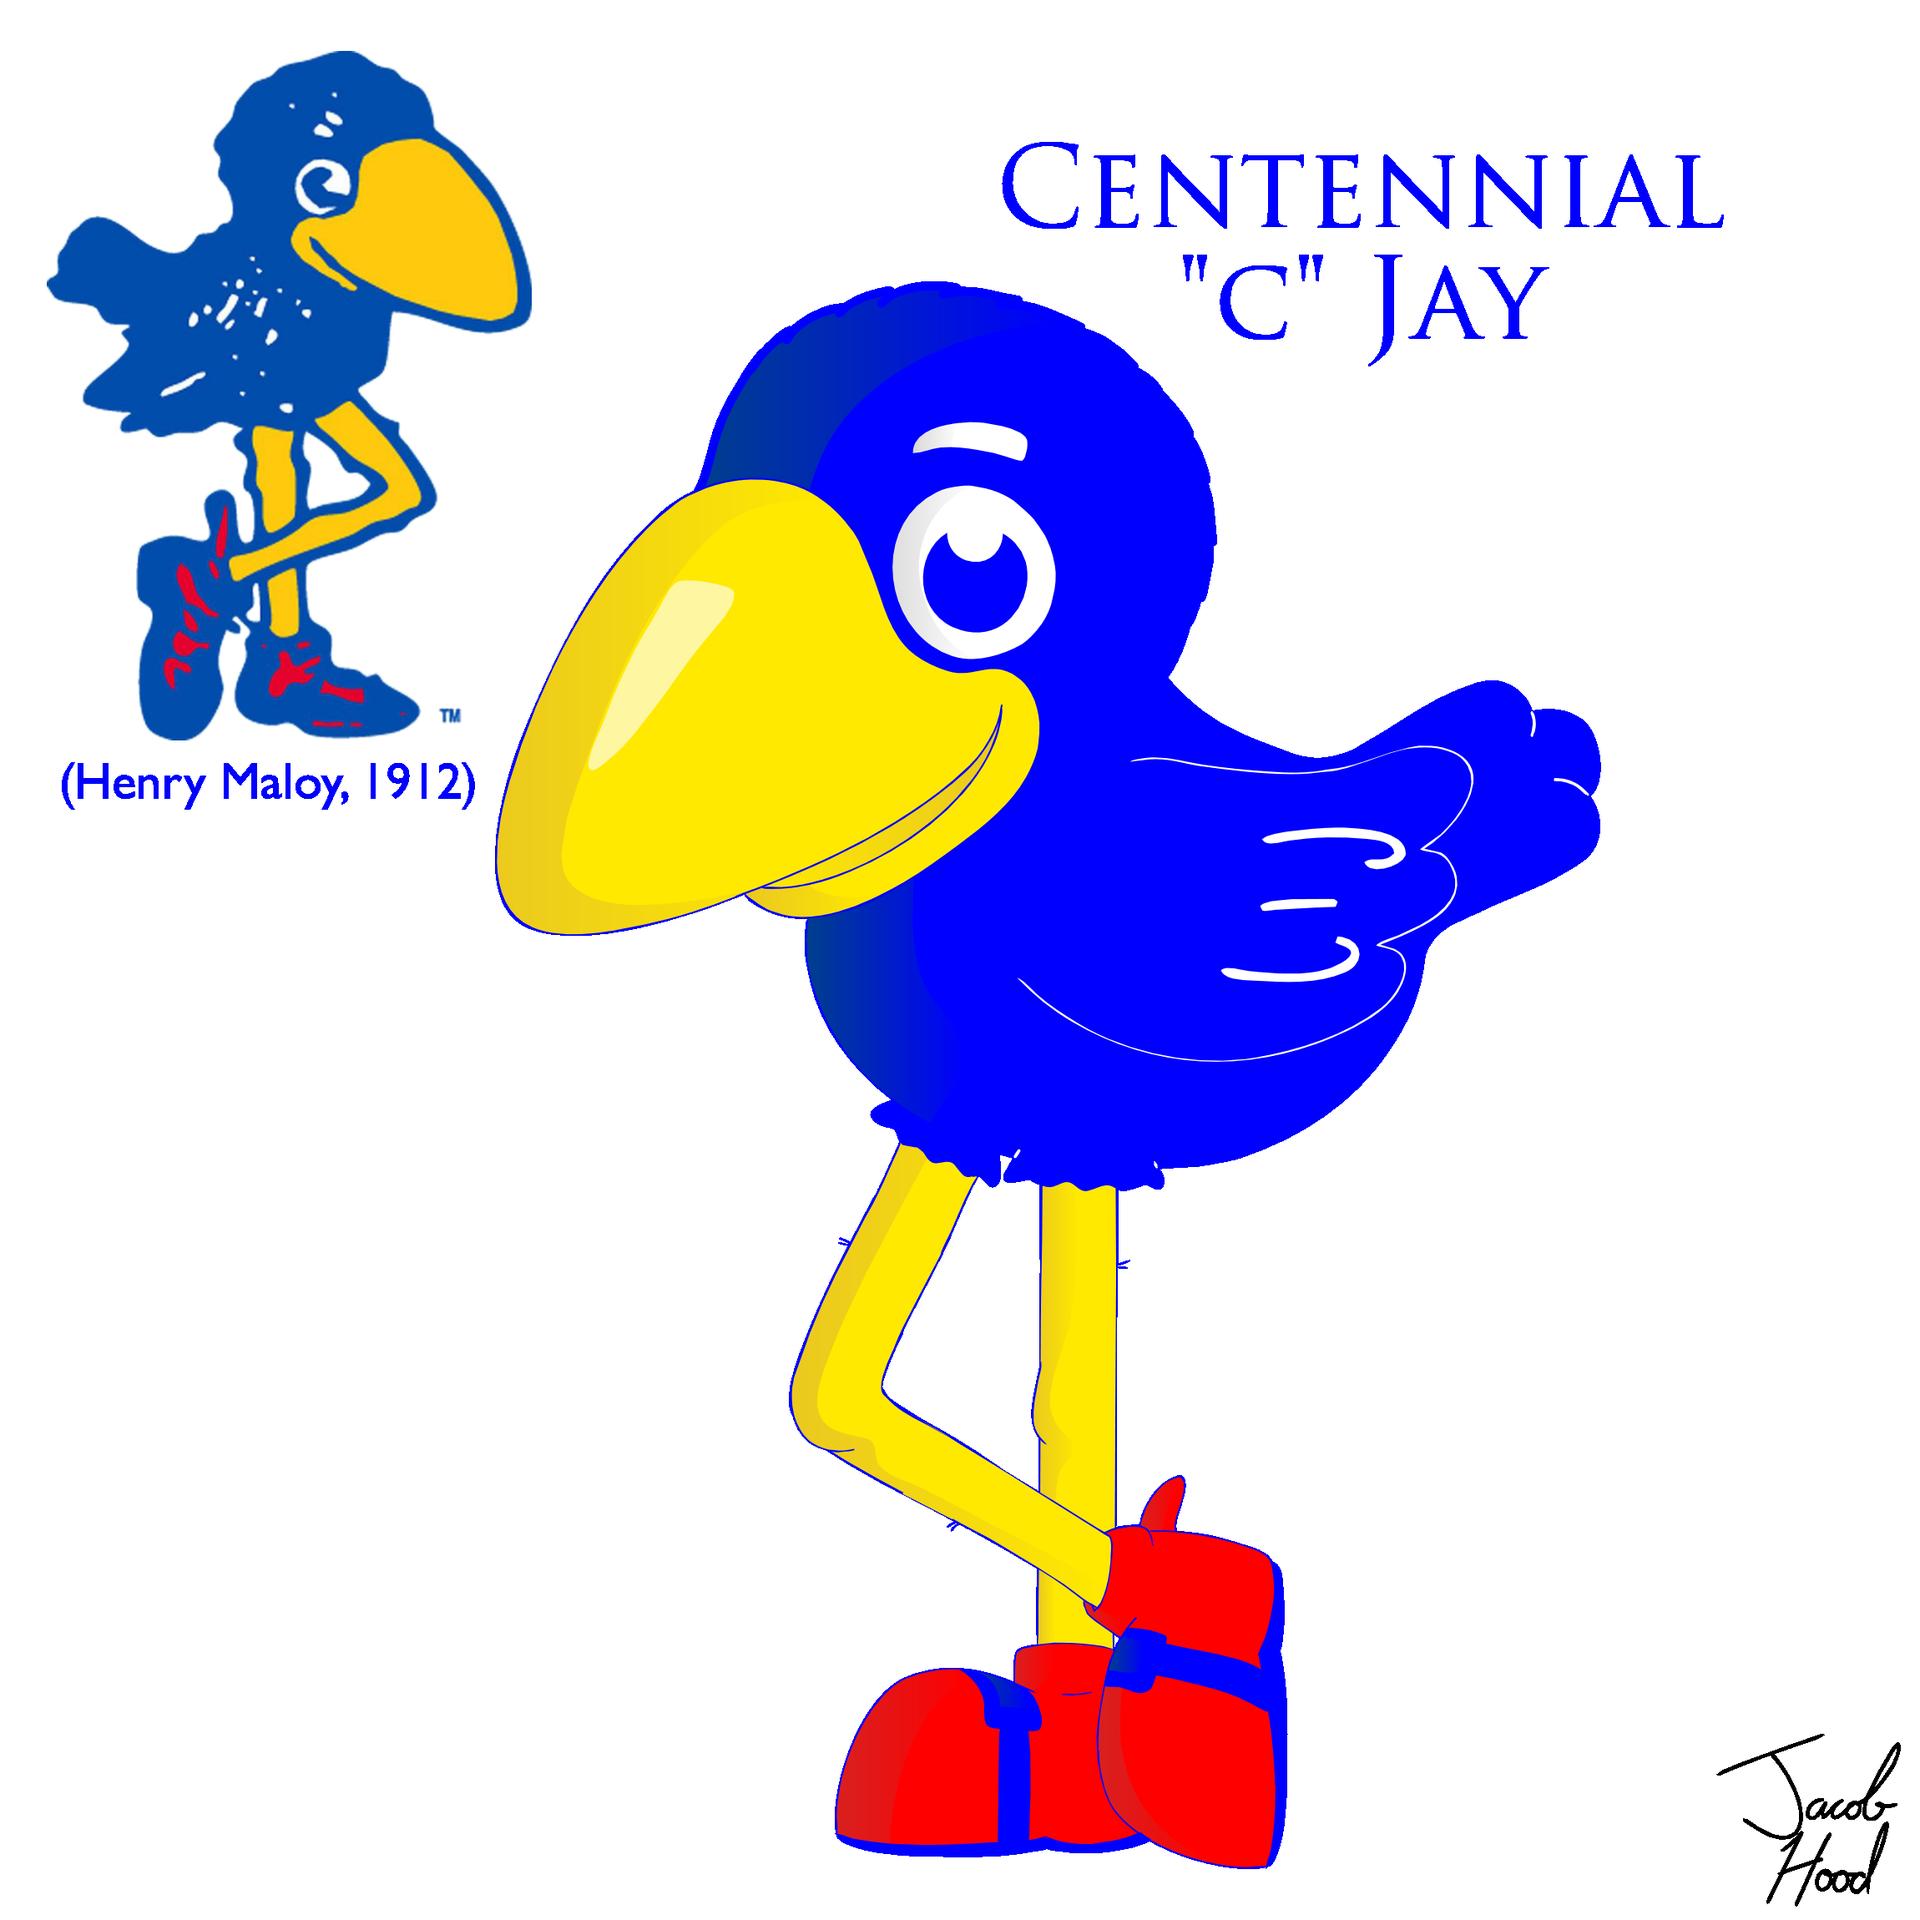 """KU Centennial """"C"""" Jay - University of Kansas Jayhawk Mascot (Henry Maloy, 1912)"""